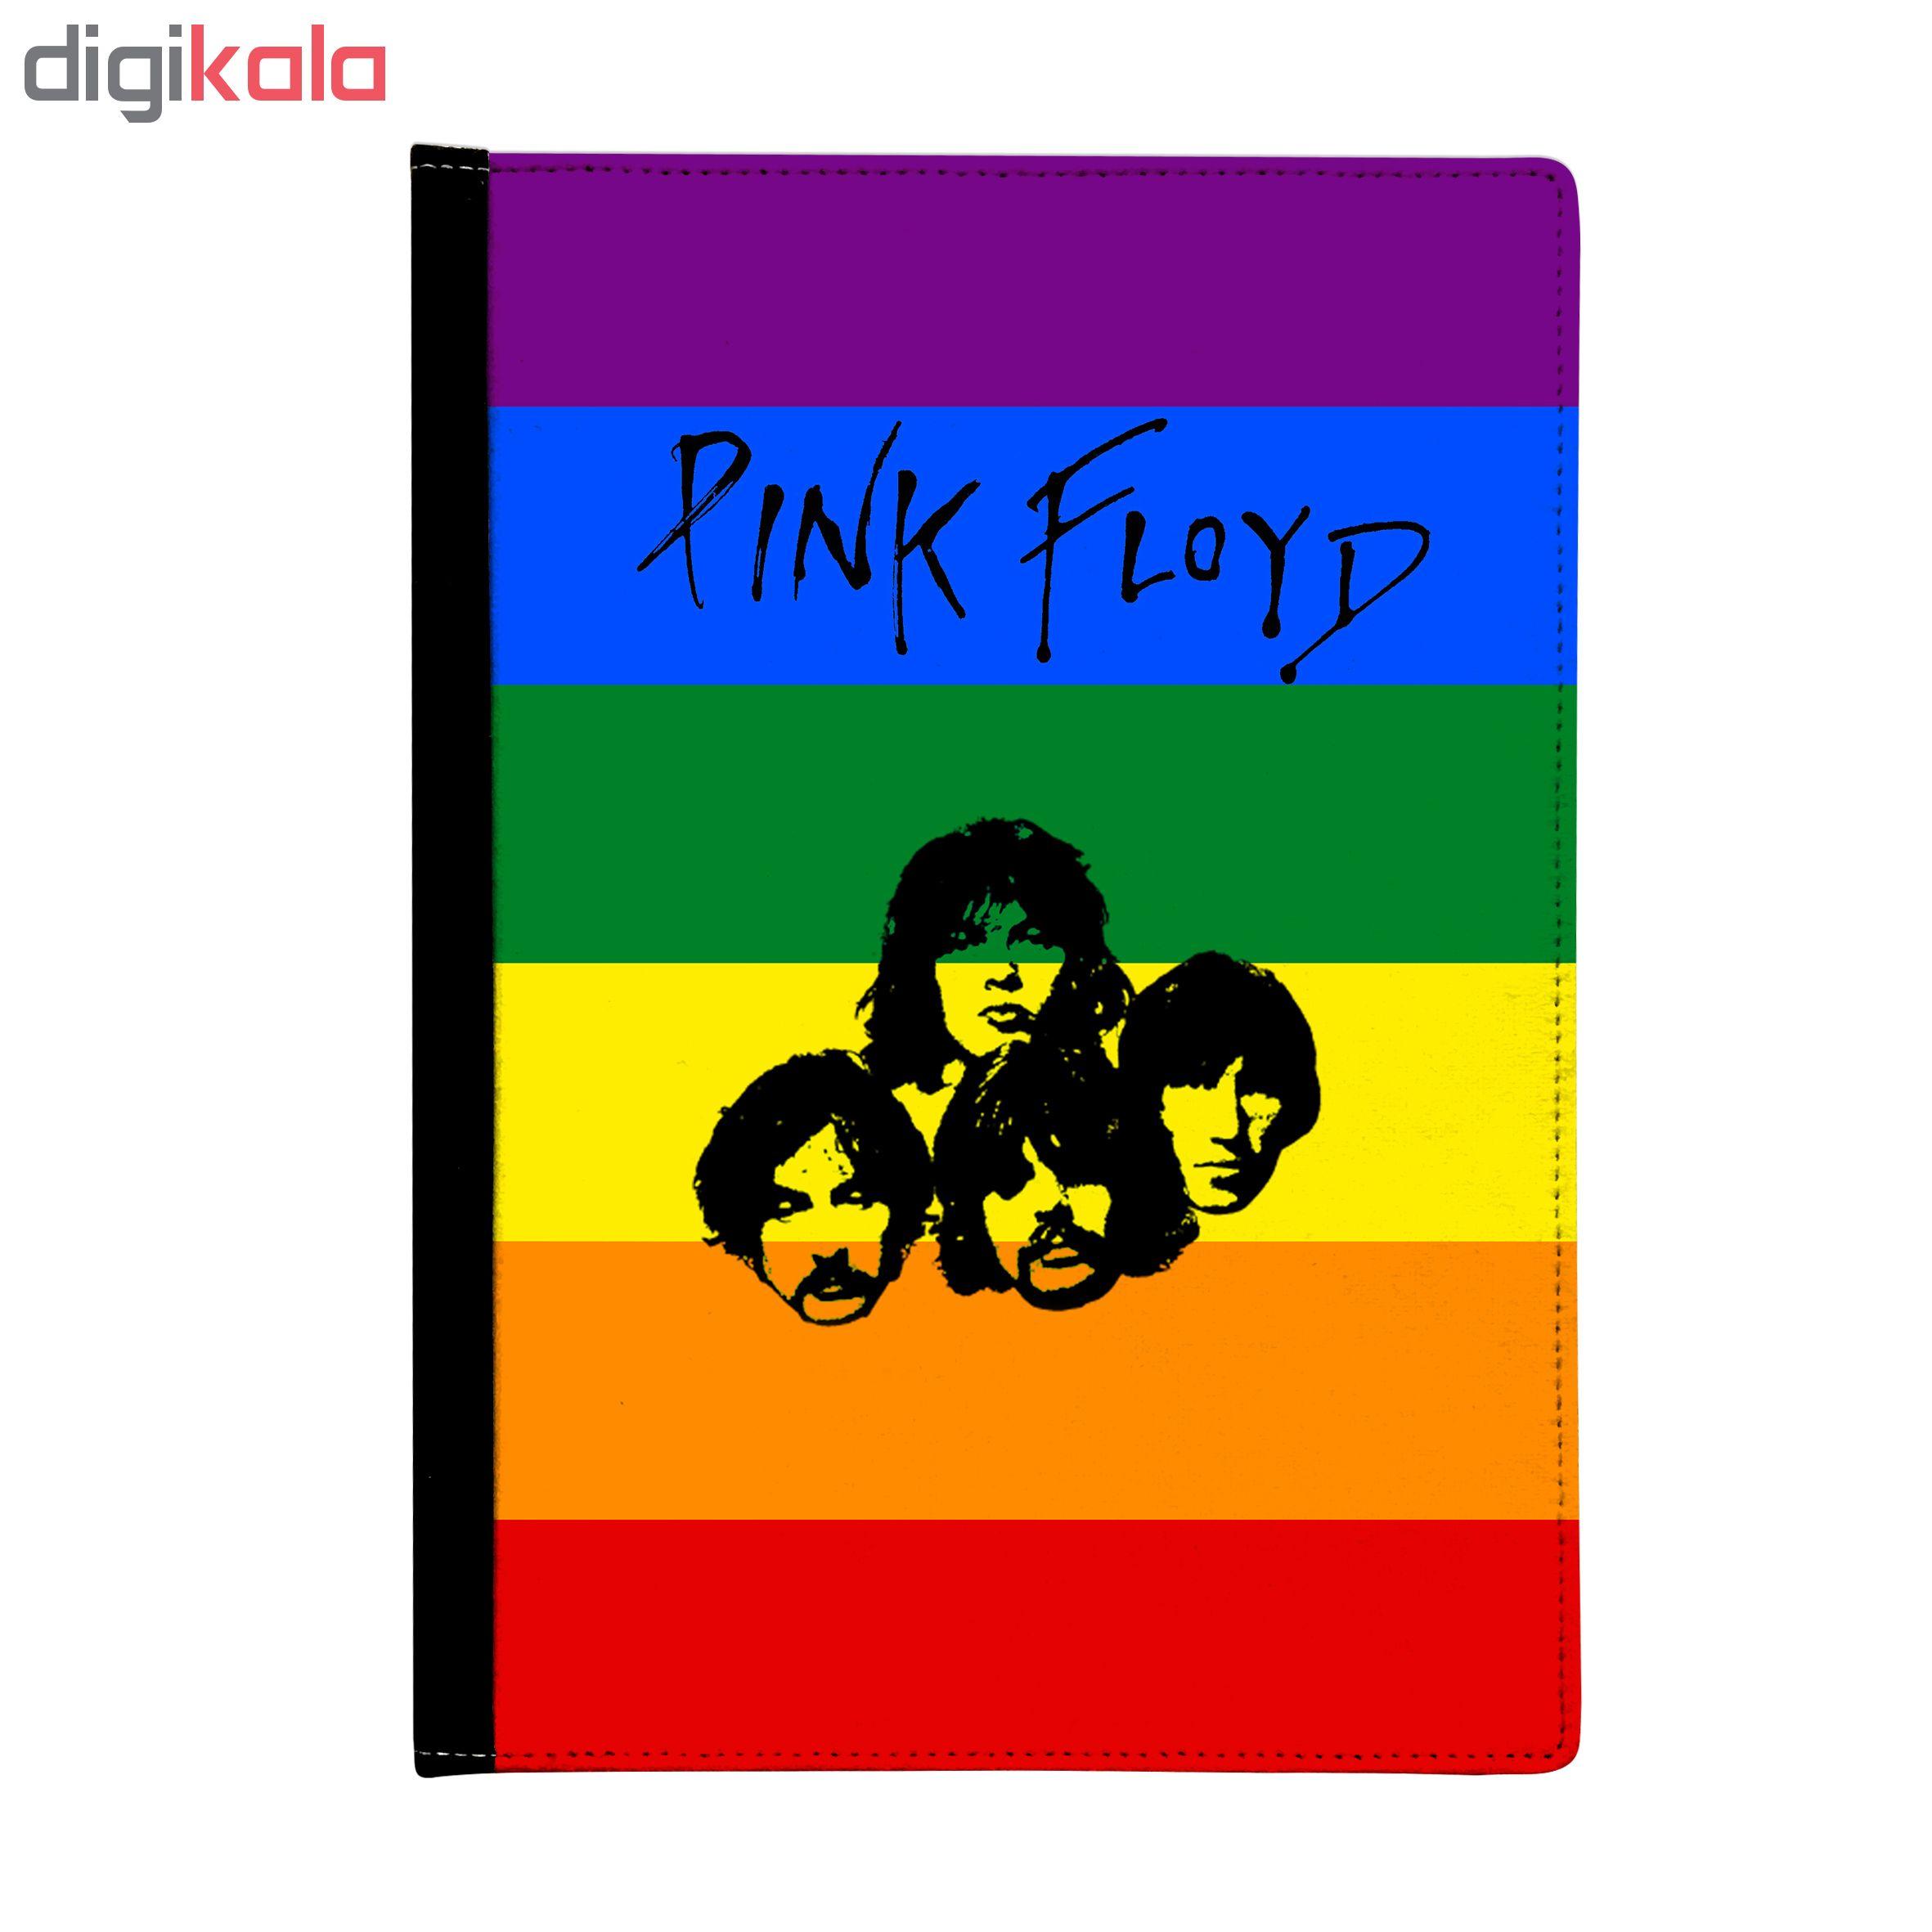 کلاسور طرح pink floyd کد k00235